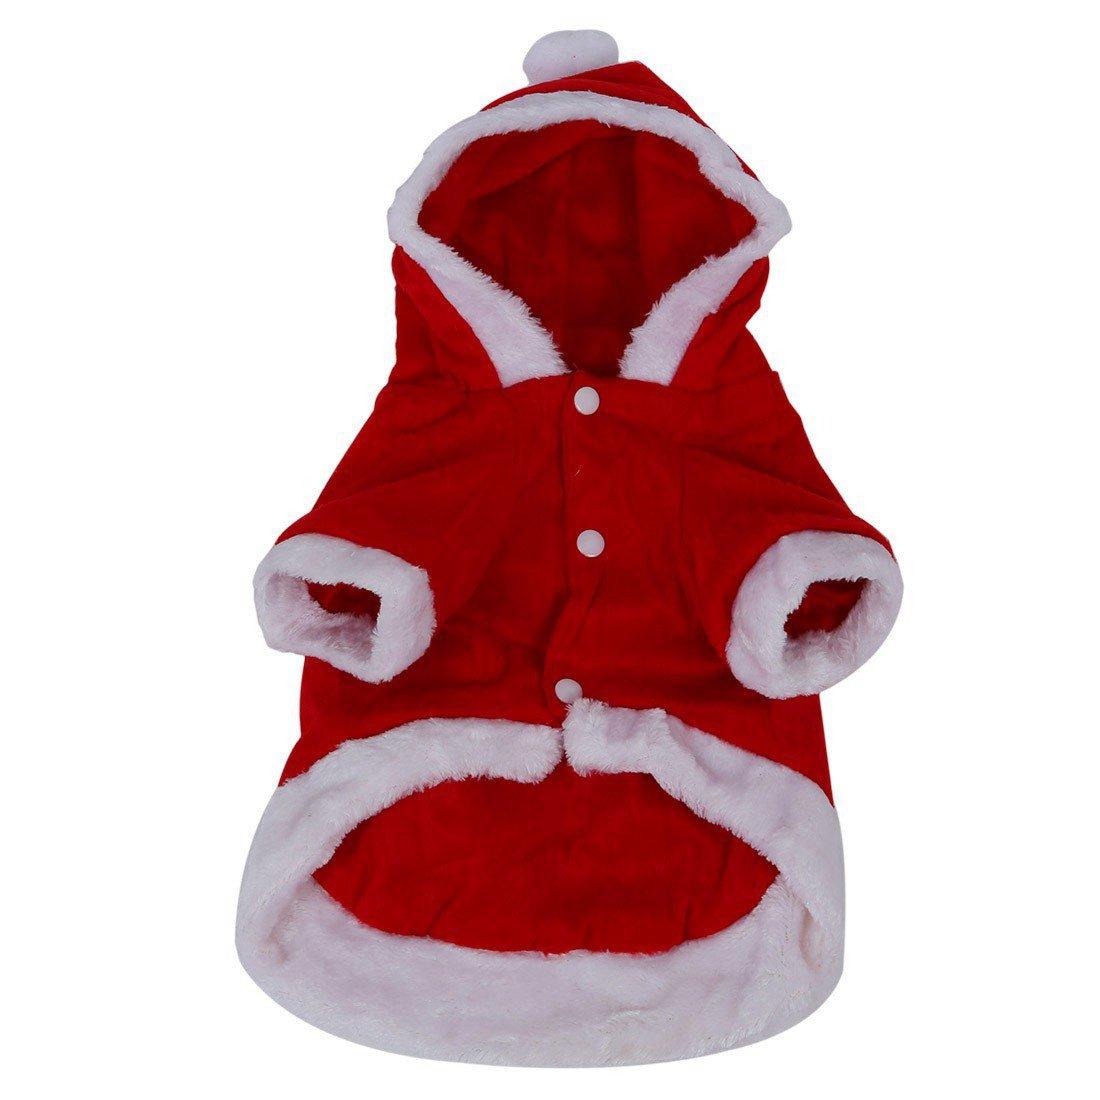 SODIAL(R) Chien Costumes Noel Ange Aile Chien Veste costume de Pere Noel Fantaisie Cadeaux D'animaux - Rouge(S)